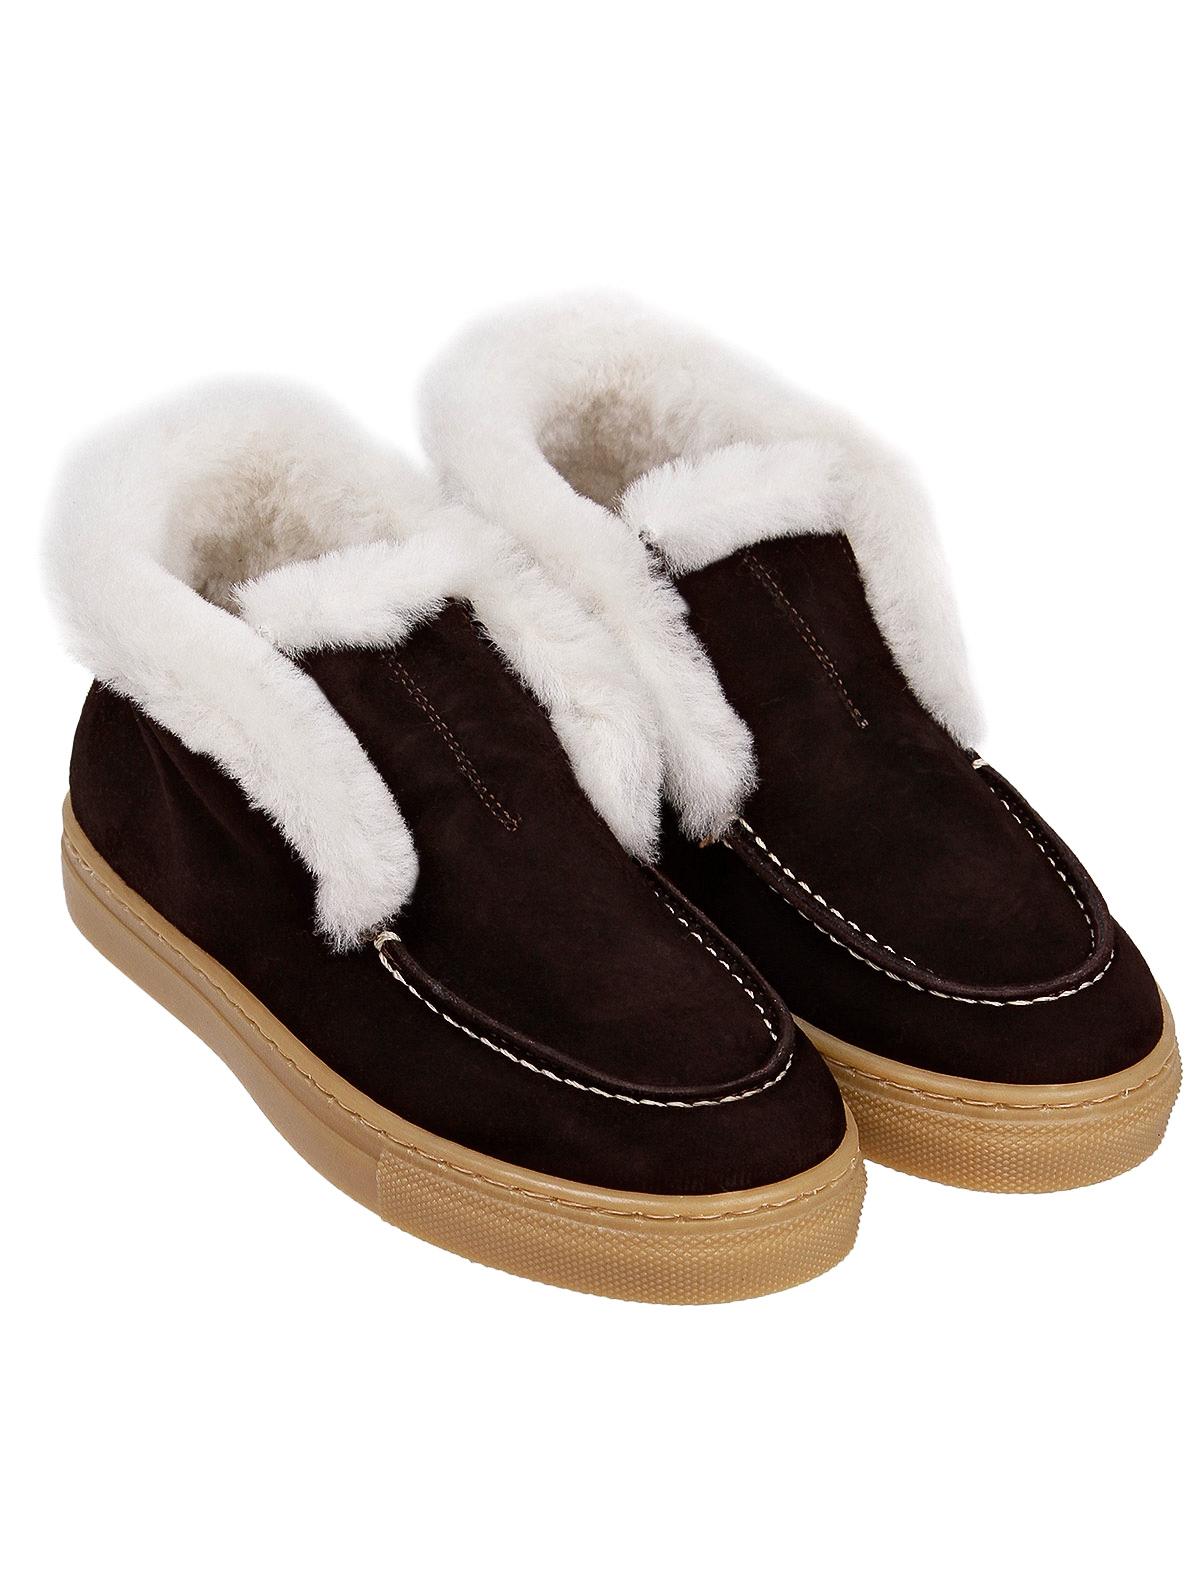 Купить 2236955, Ботинки GALLUCCI, коричневый, Мужской, 2034519081227